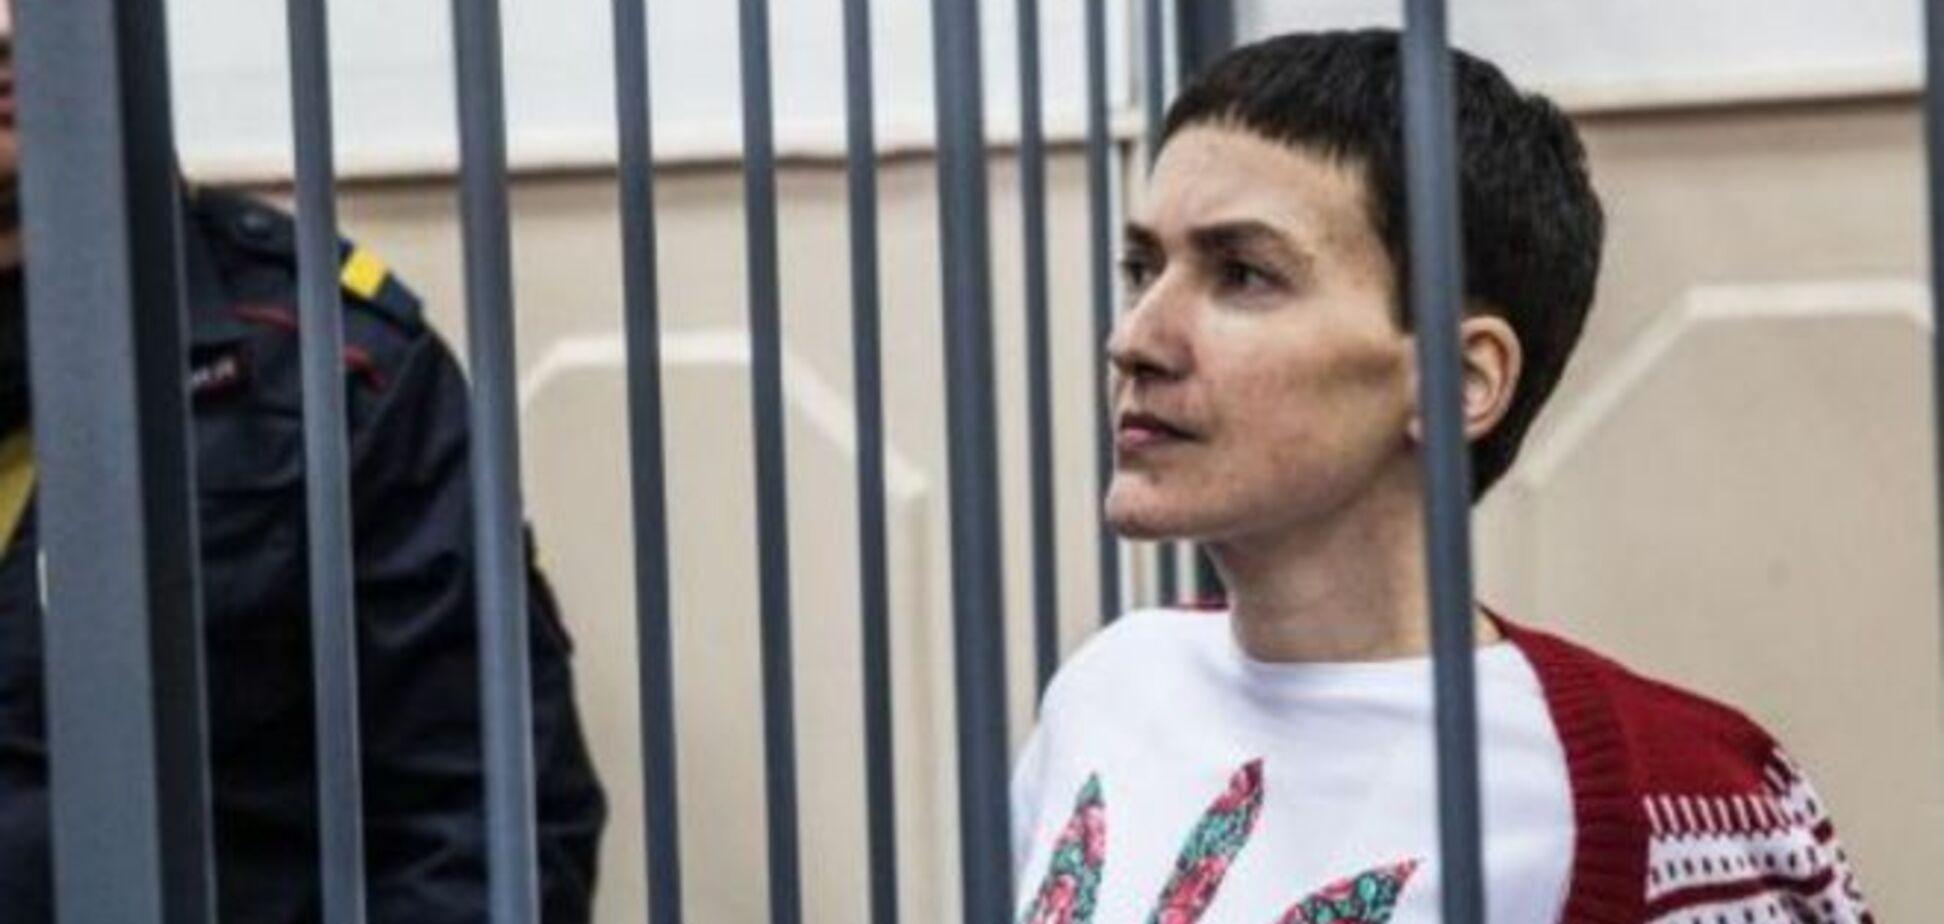 По 'делу Савченко', которого не существует, проходит 60 тыс. свидетелей и 17 тыс. потерпевших - адвокат